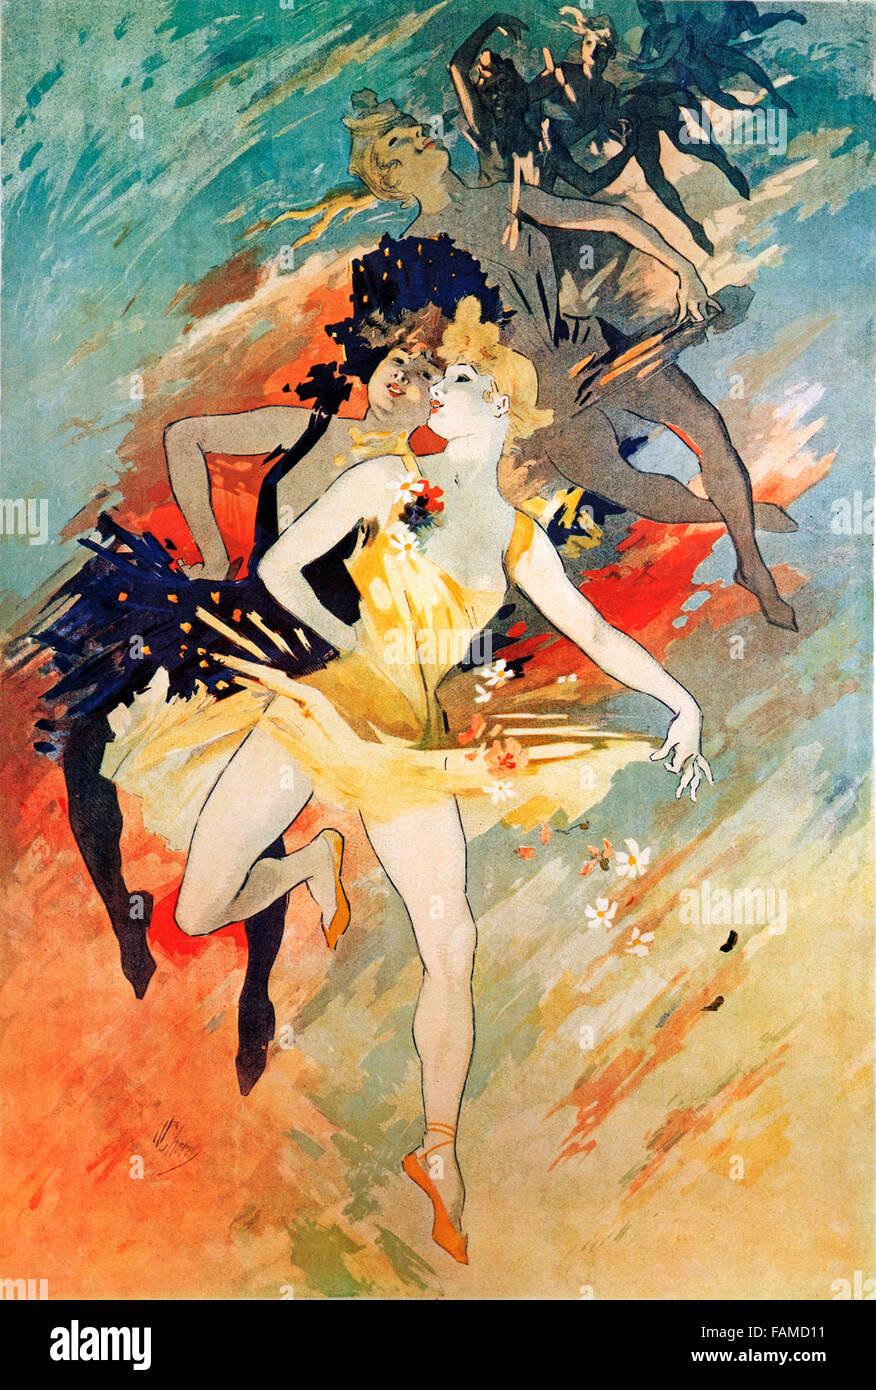 Cheret, la danse, l'Art Nouveau 1891 affiche les graphiques pour illustrer l'artisanat stade principal Banque D'Images